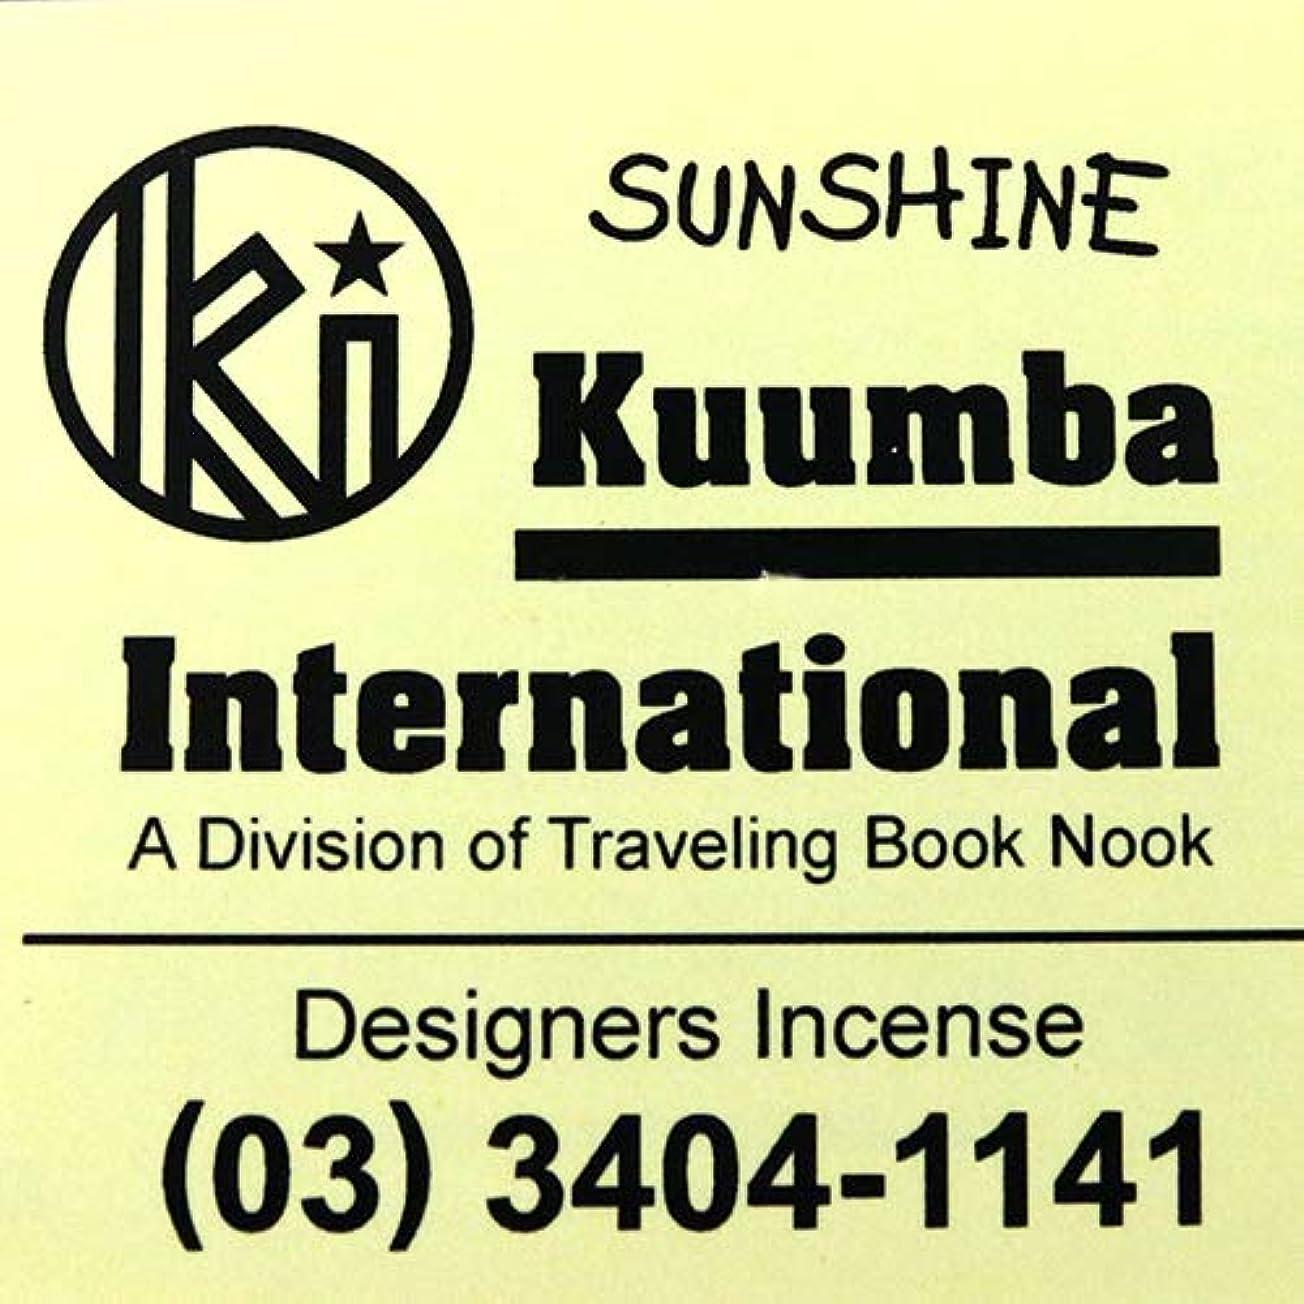 ラップふさわしい計算する(クンバ) KUUMBA『incense』(SUNSHINE) (SUNSHINE, Regular size)